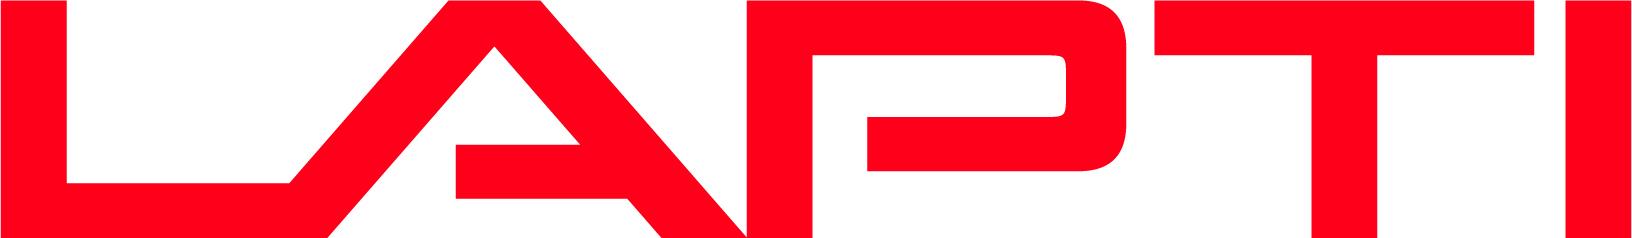 Rakennusliike Lapti Oy logo